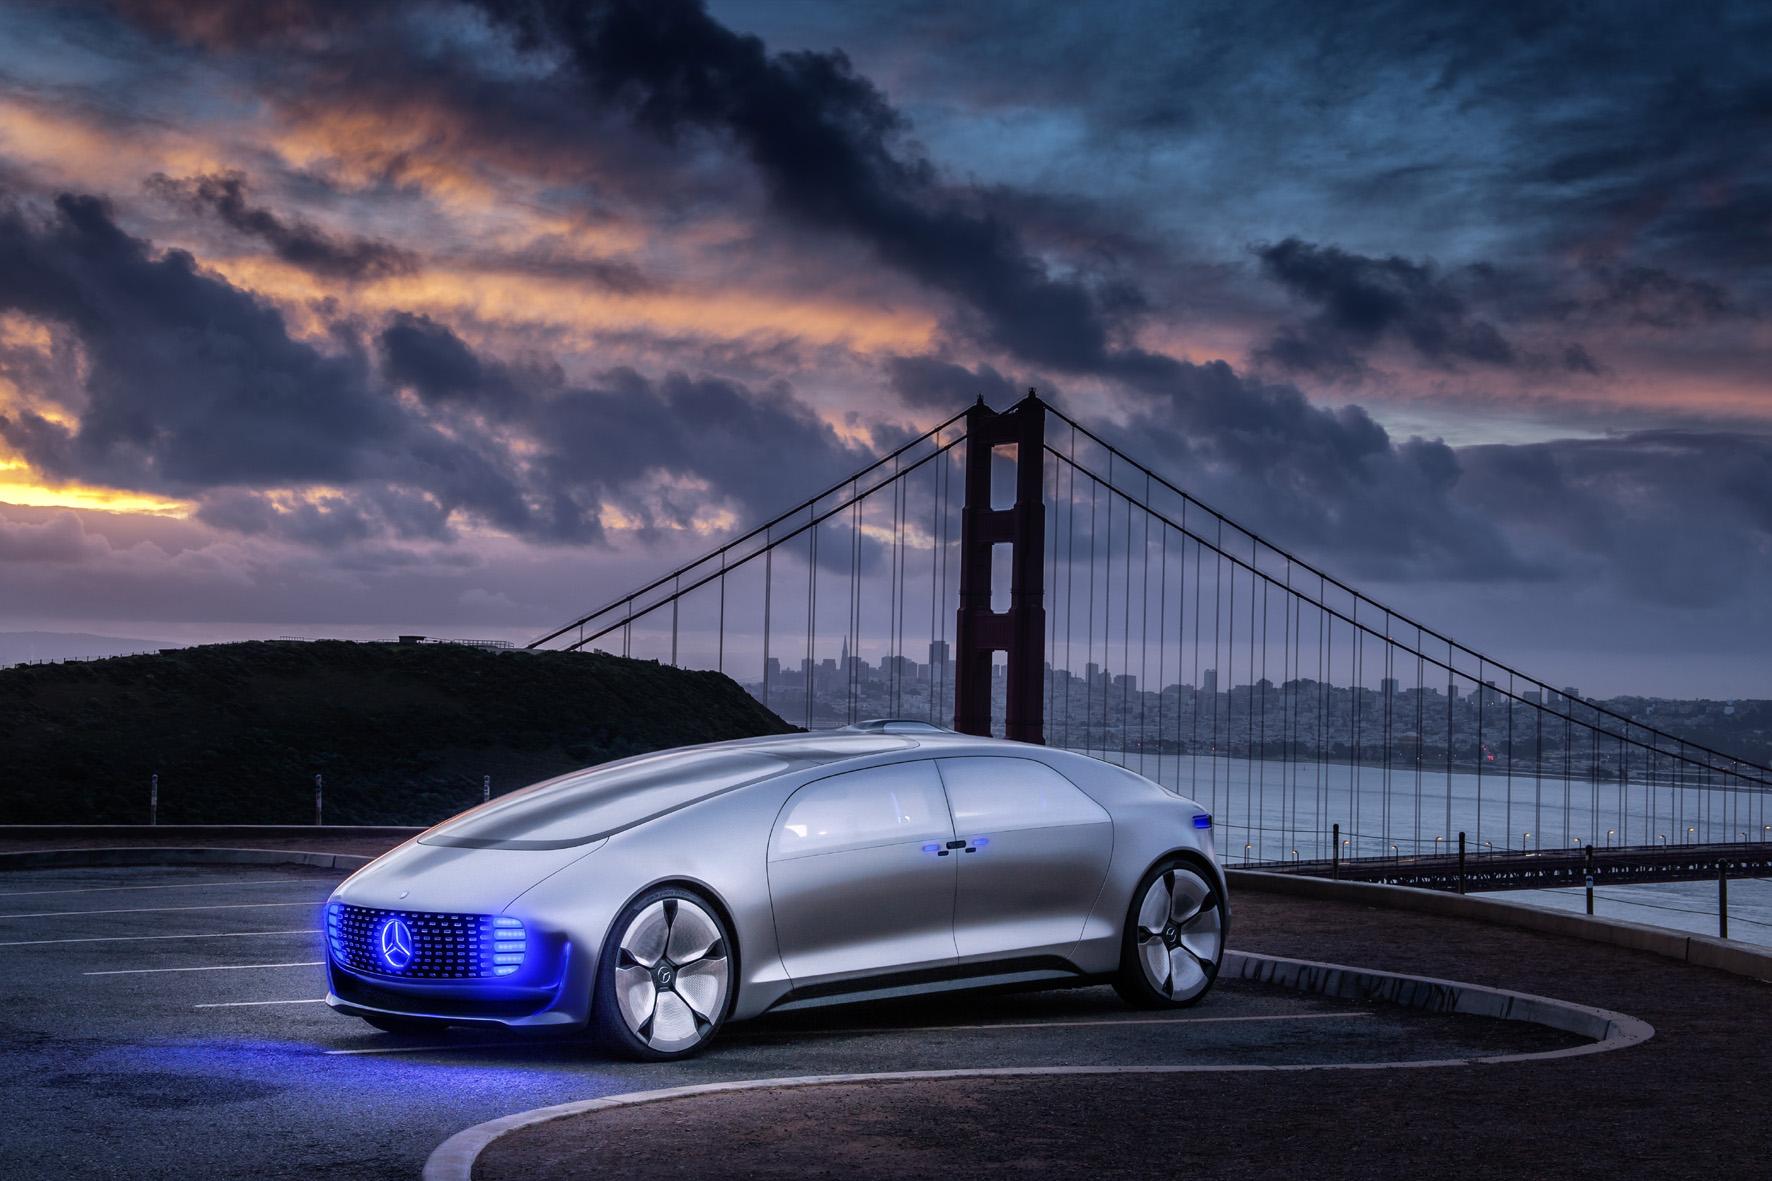 Standpunkt und Kommentar über die automobile Zukunft